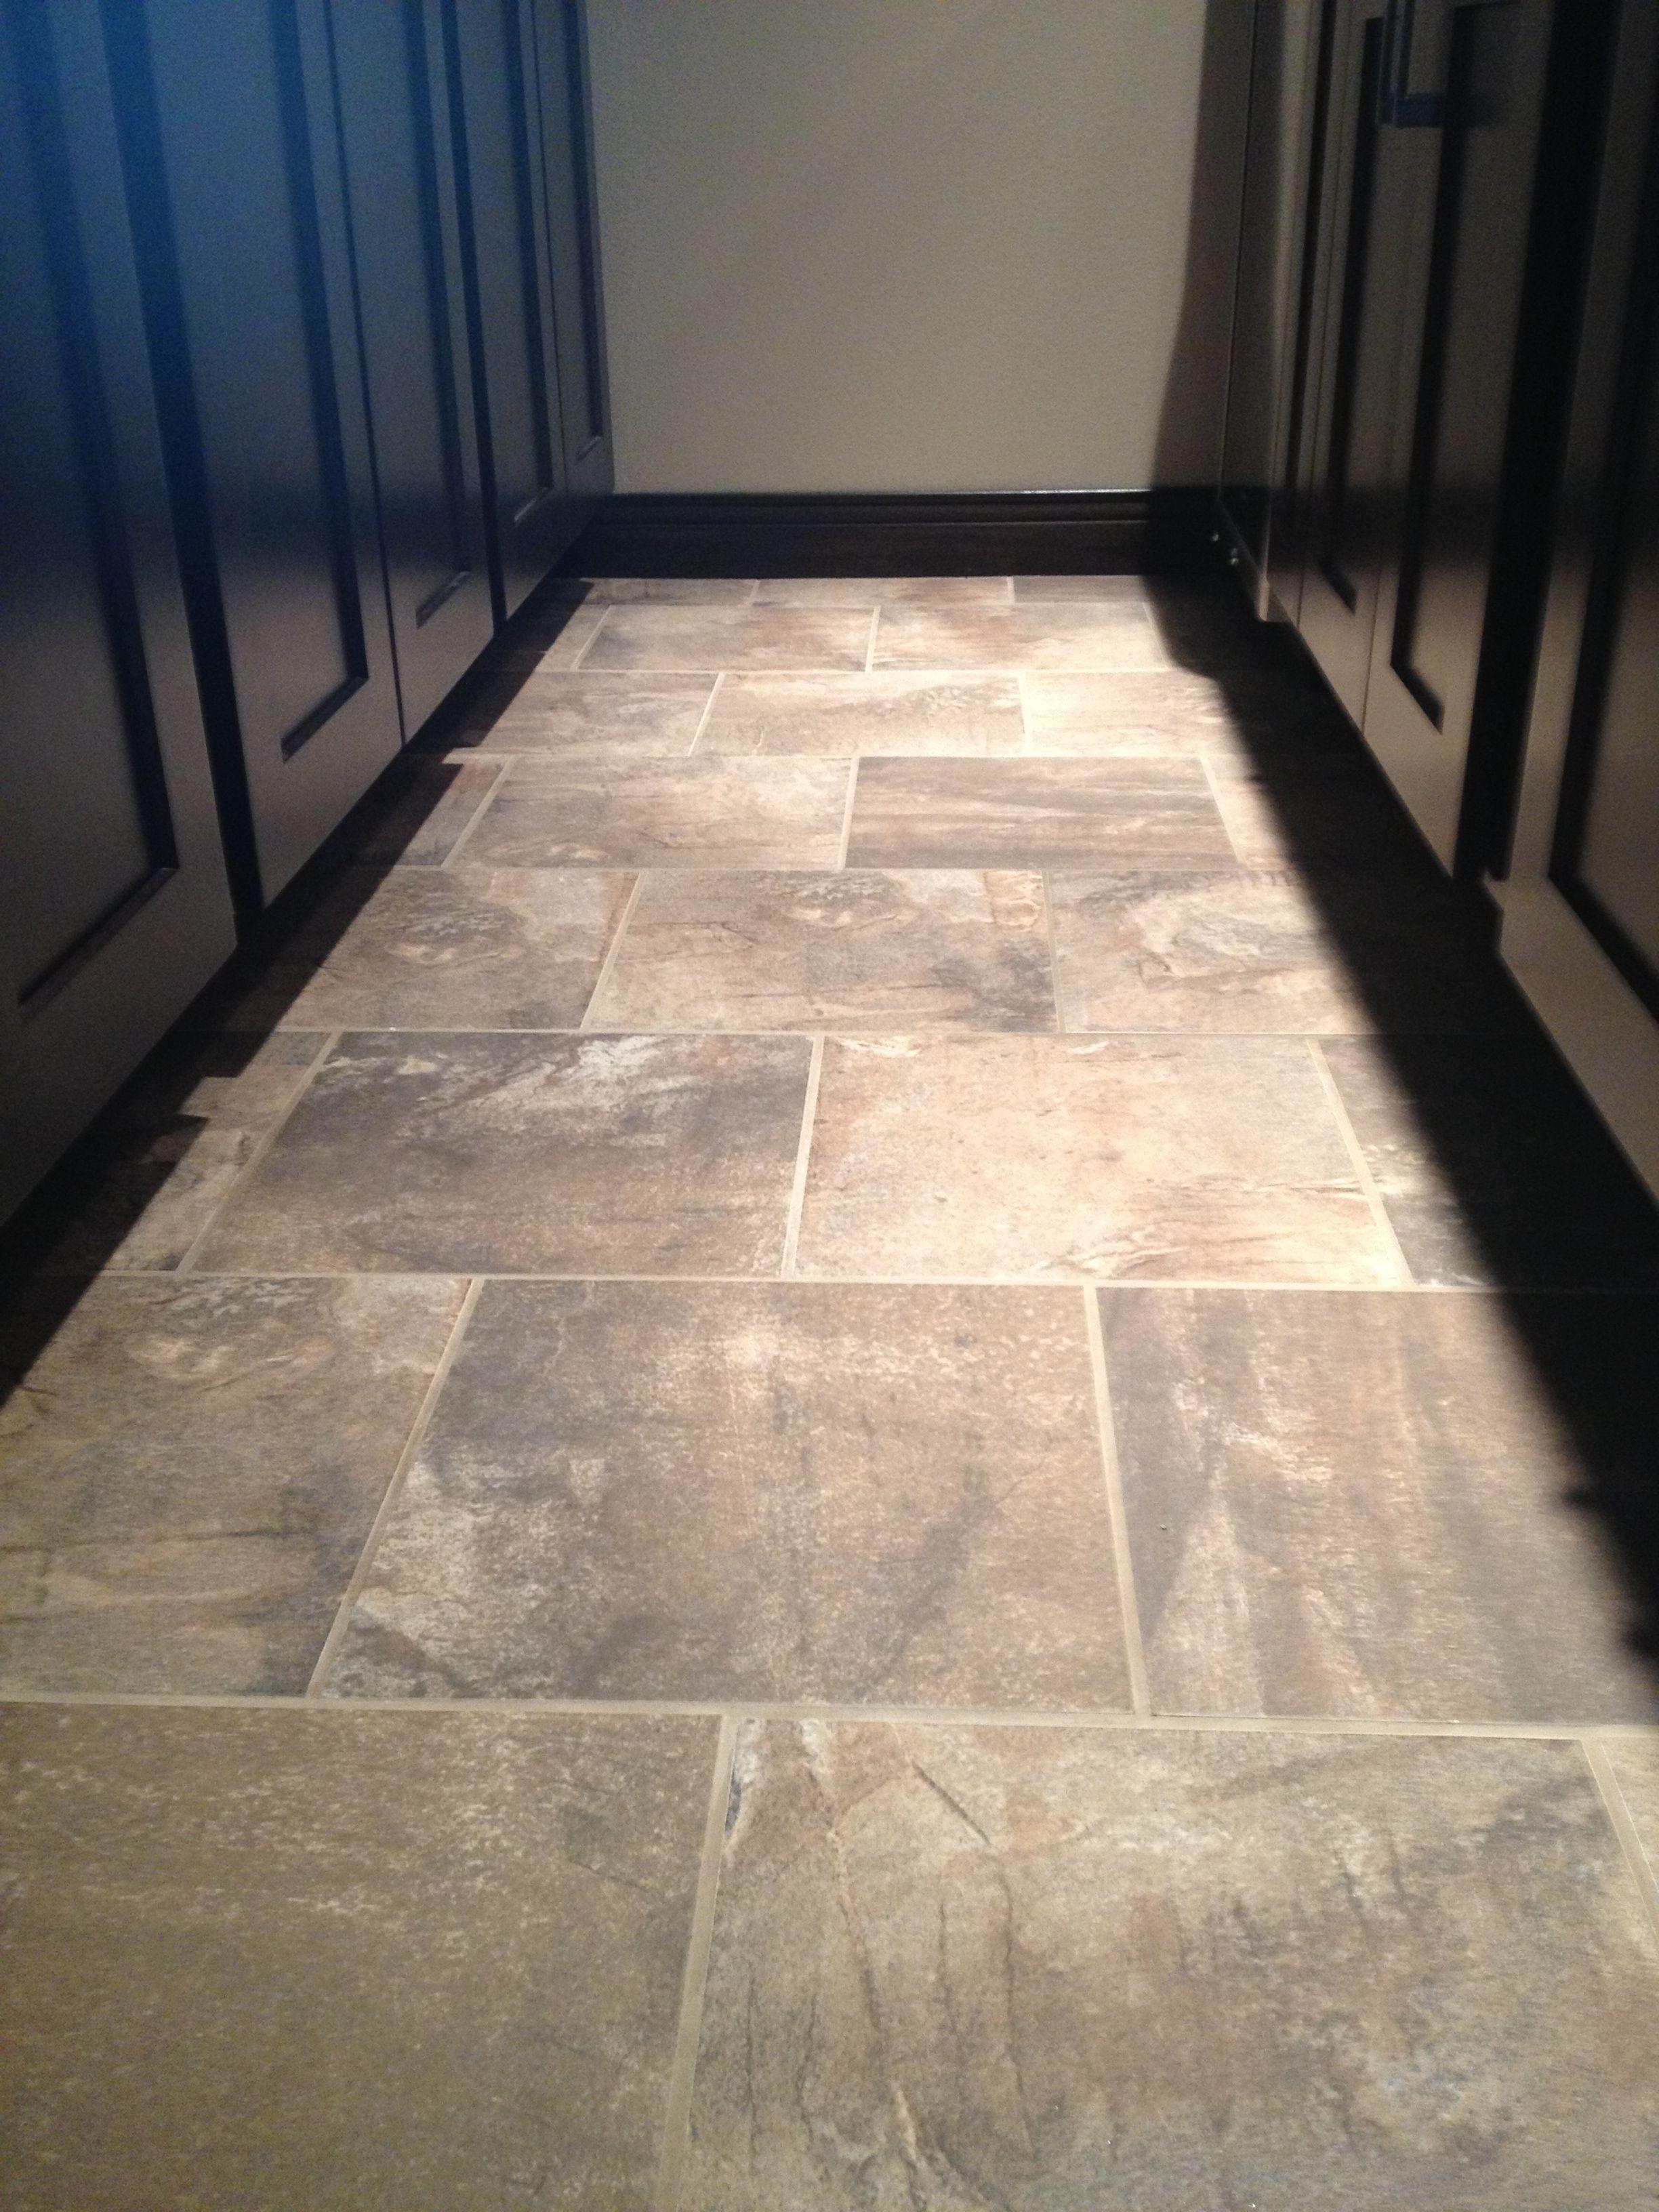 Gerard Homes 2013 Parade 13x13 Porcelain Tile Flooring In